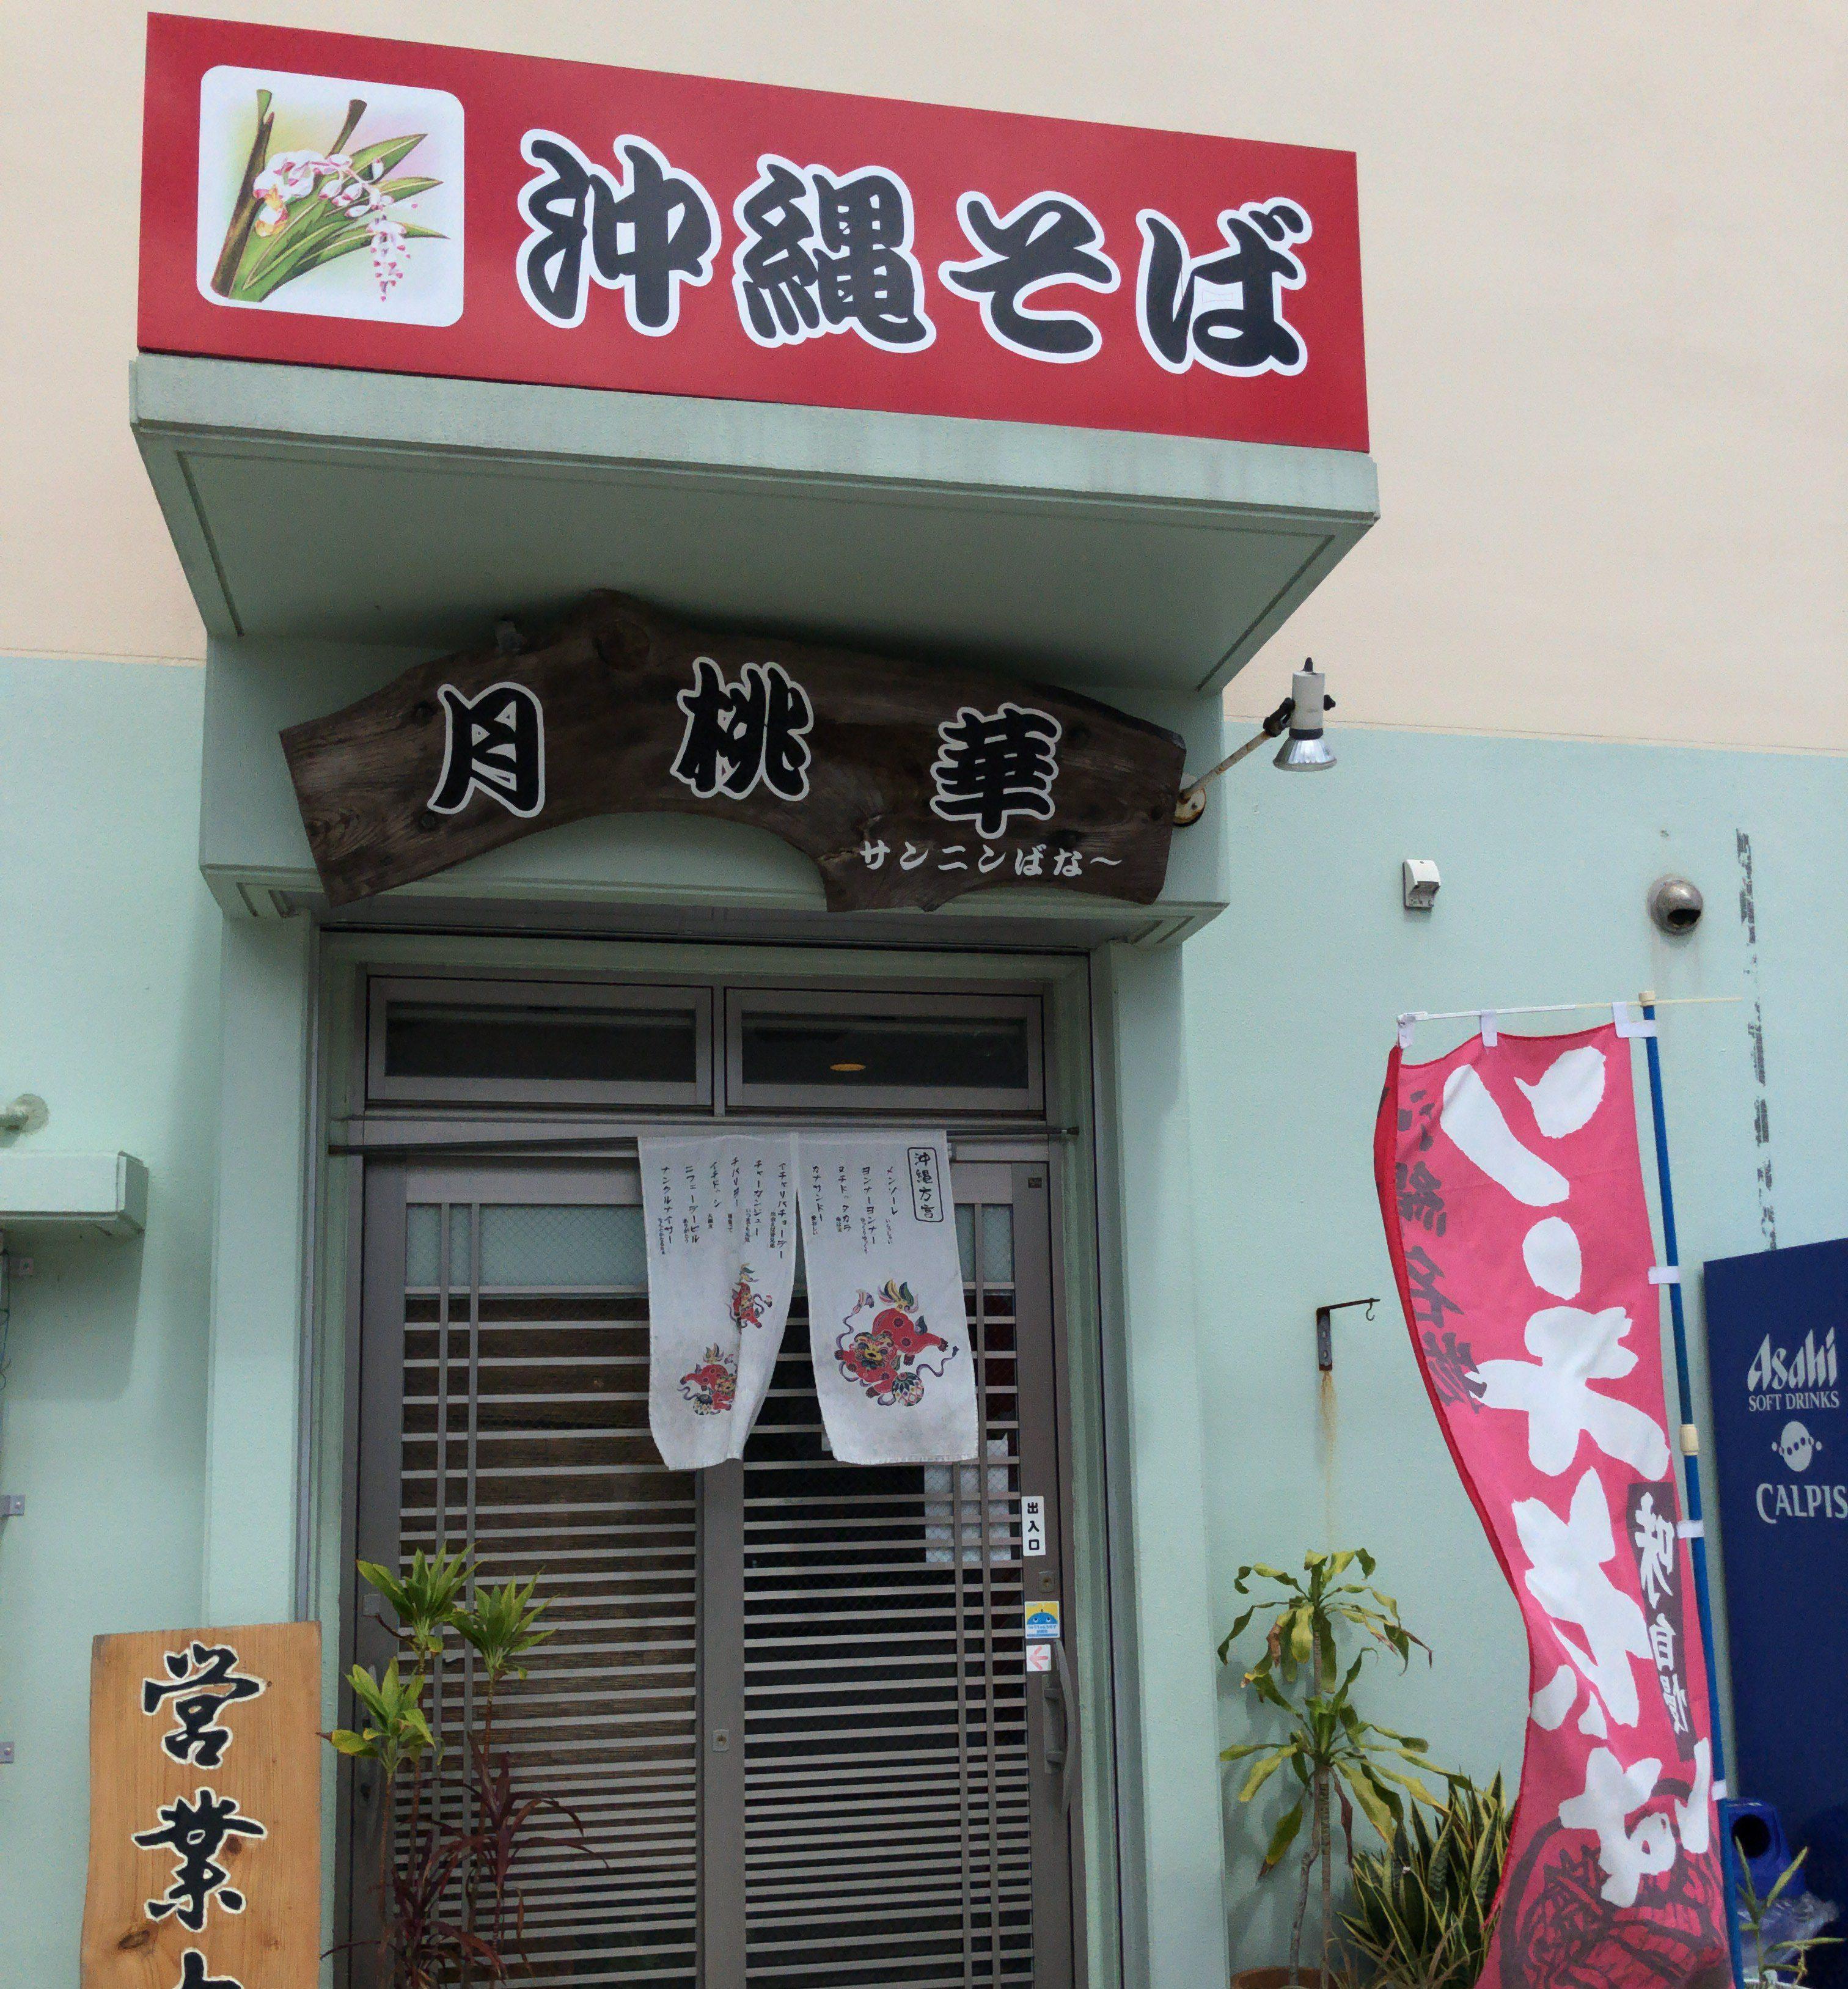 糸満市『月桃華(さんにんばな)』鰹(かつお)の香りがすごい!優しい店主あり♪